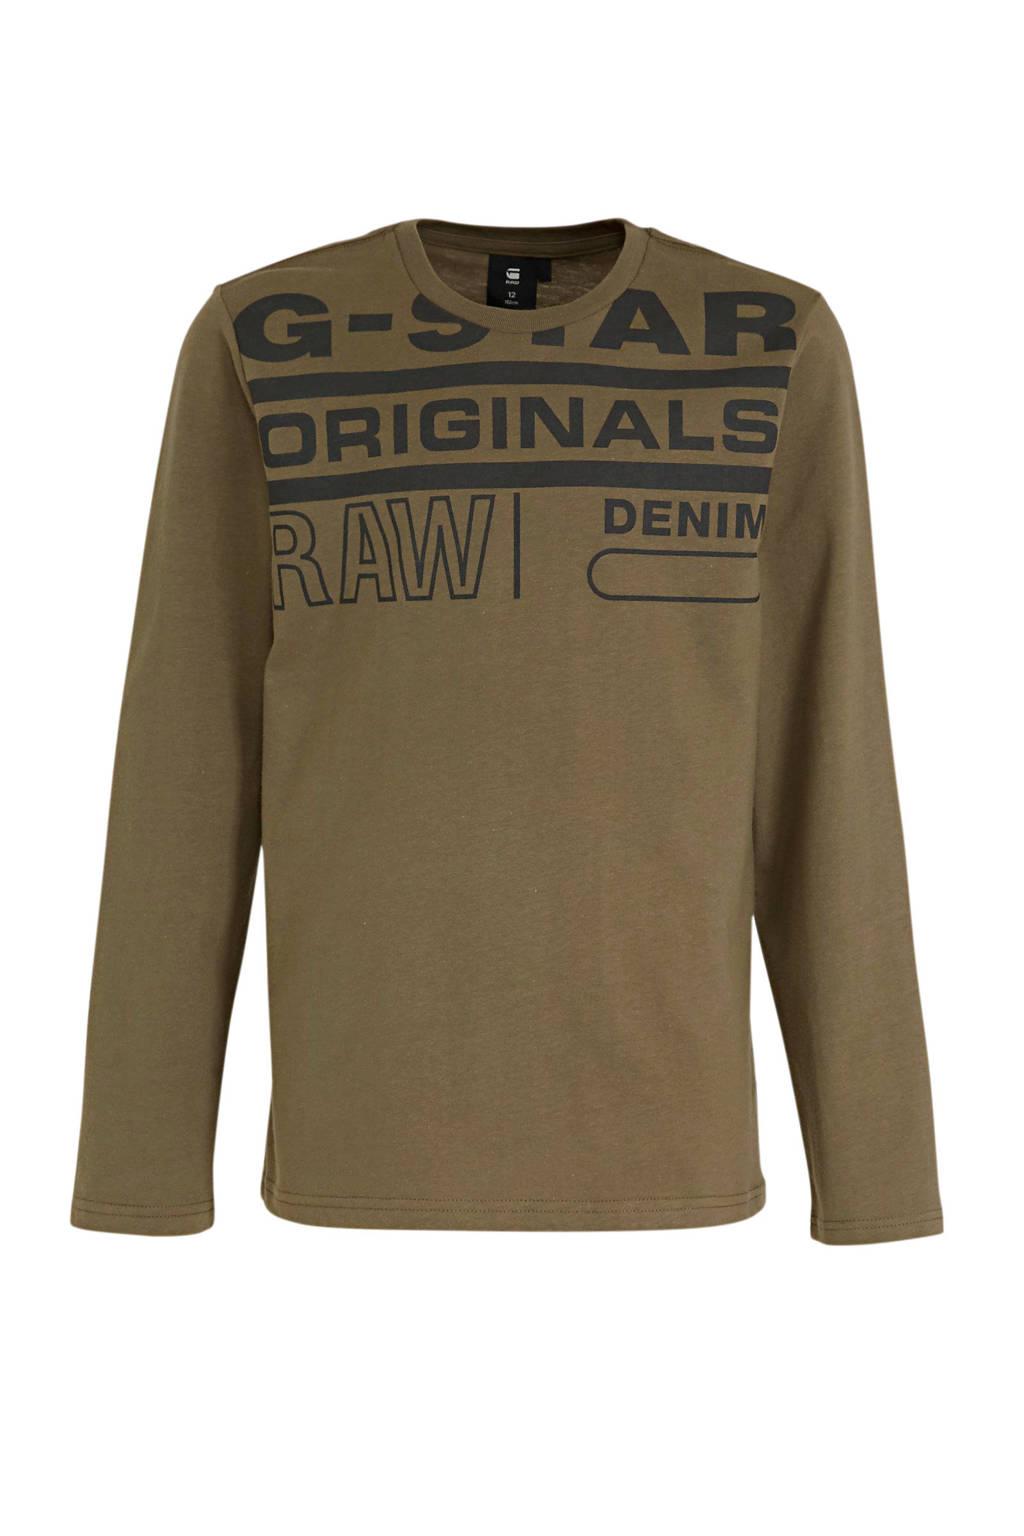 G-Star RAW longsleeve met logo kaki groen, Kaki groen